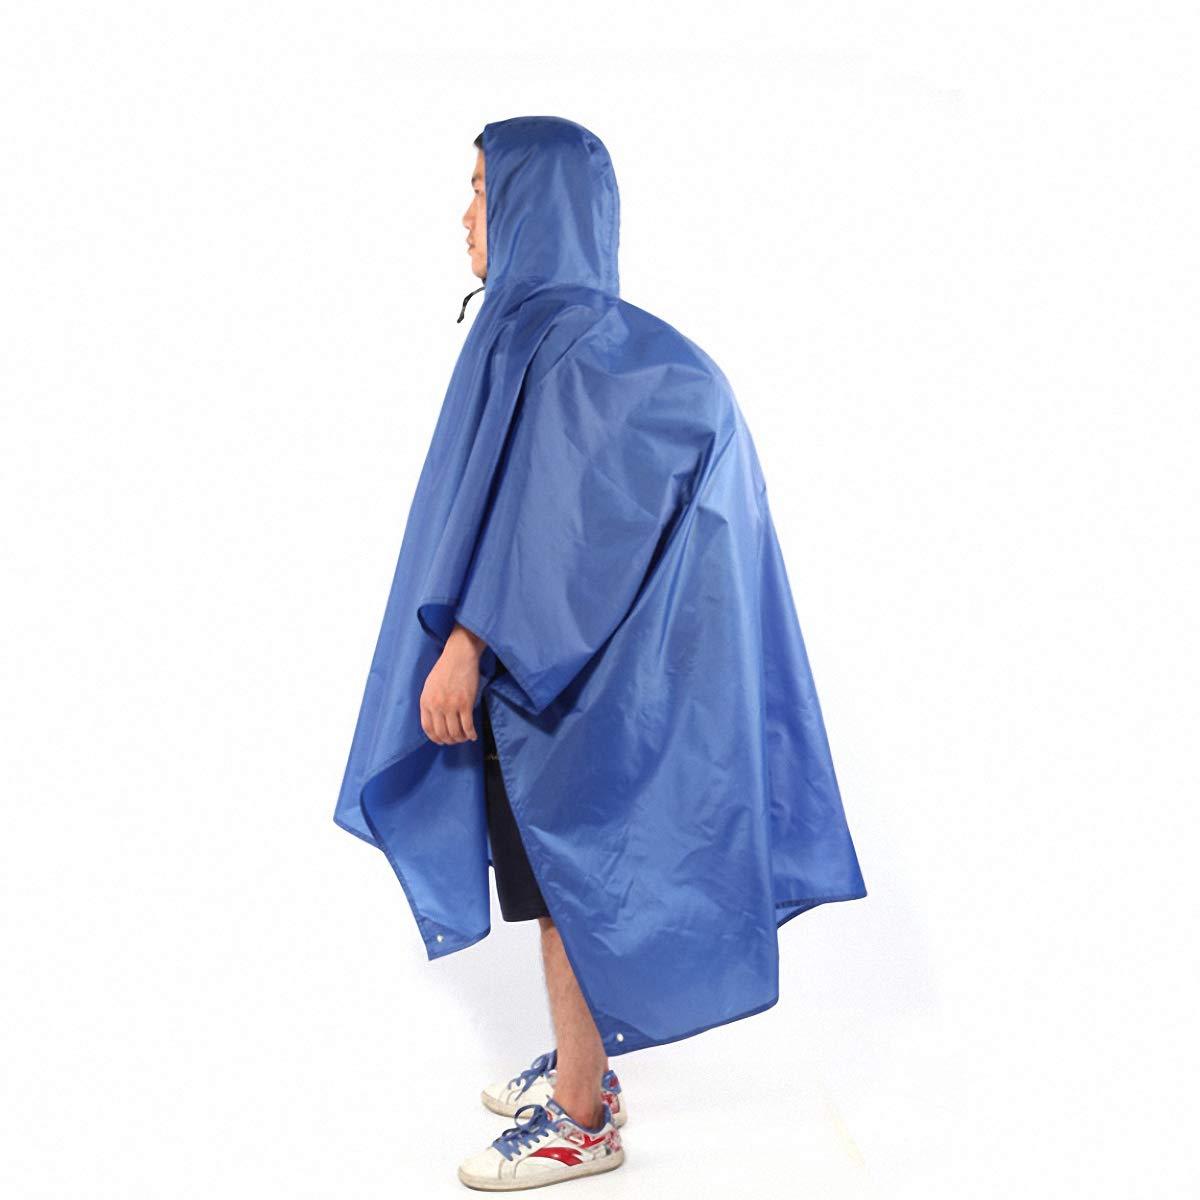 BDFA Regenmantel Regenmantel - Multifunktionaler Regenponcho, Sonnenschutzplane, Bodenmatte Für Outdoor-Aktivitäten